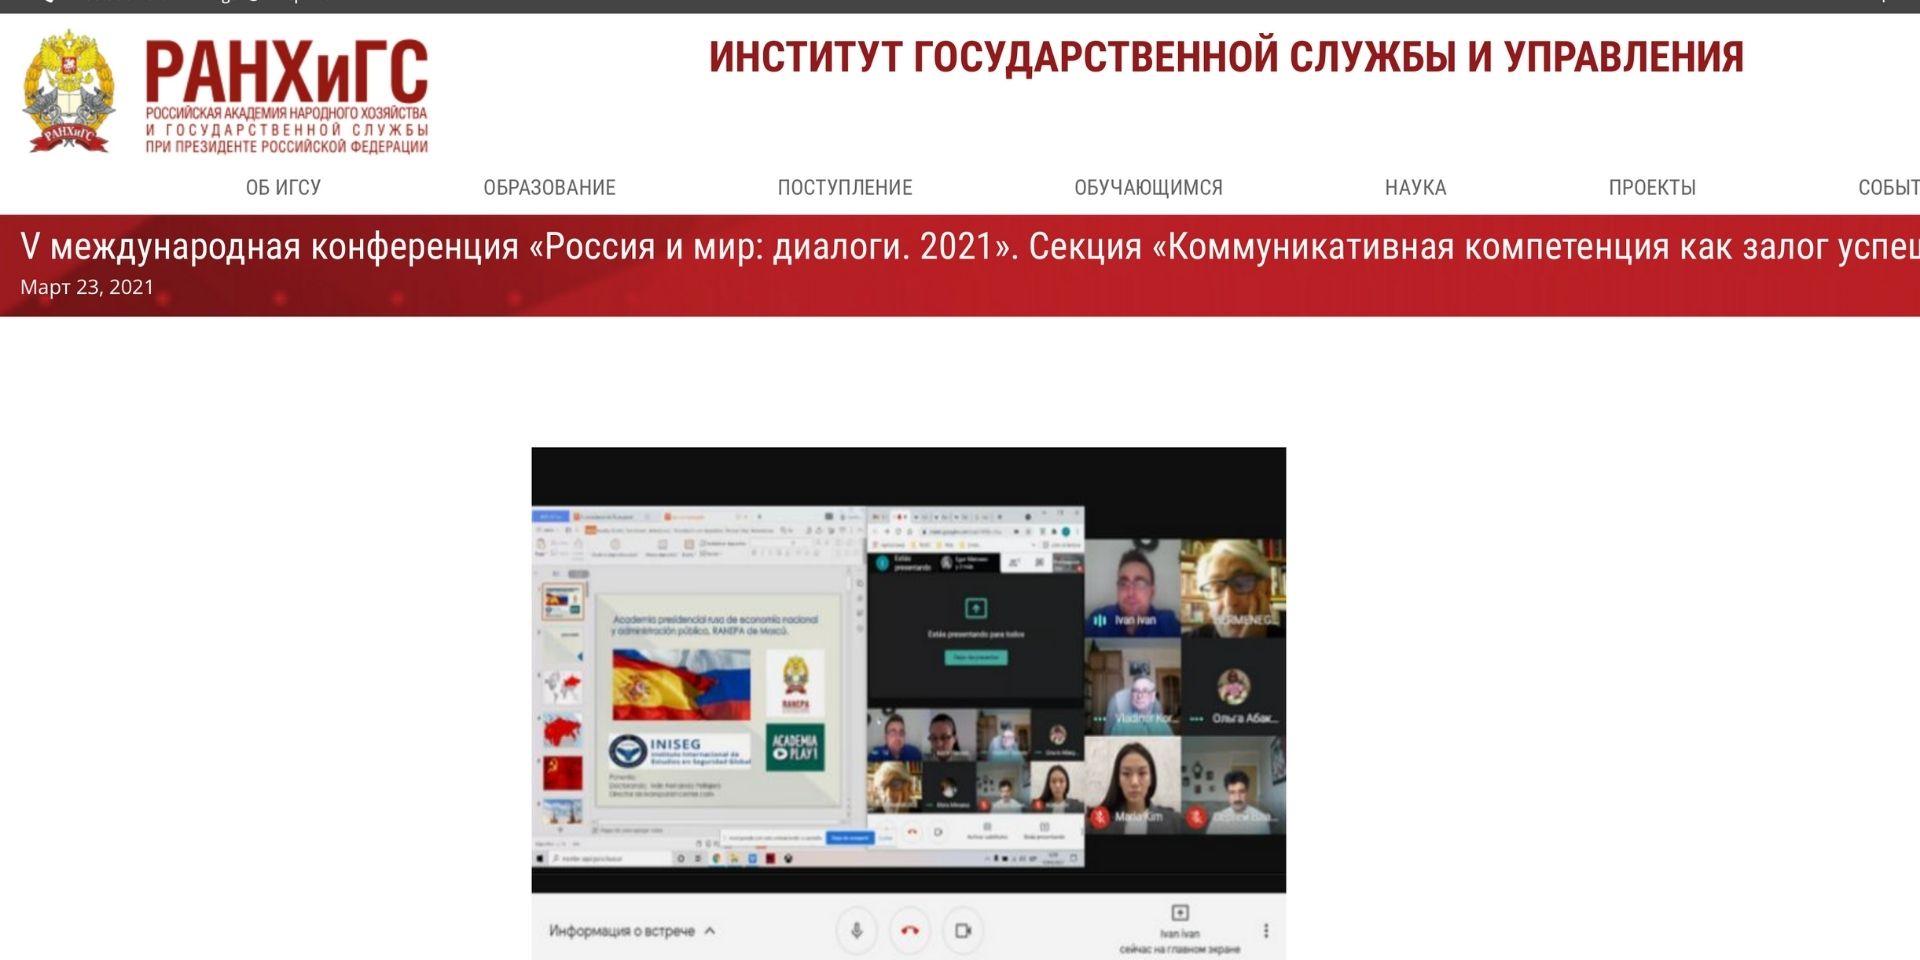 Universidad Presidencial de Economía Nacional y Administración Pública (RANEPA) Moscú